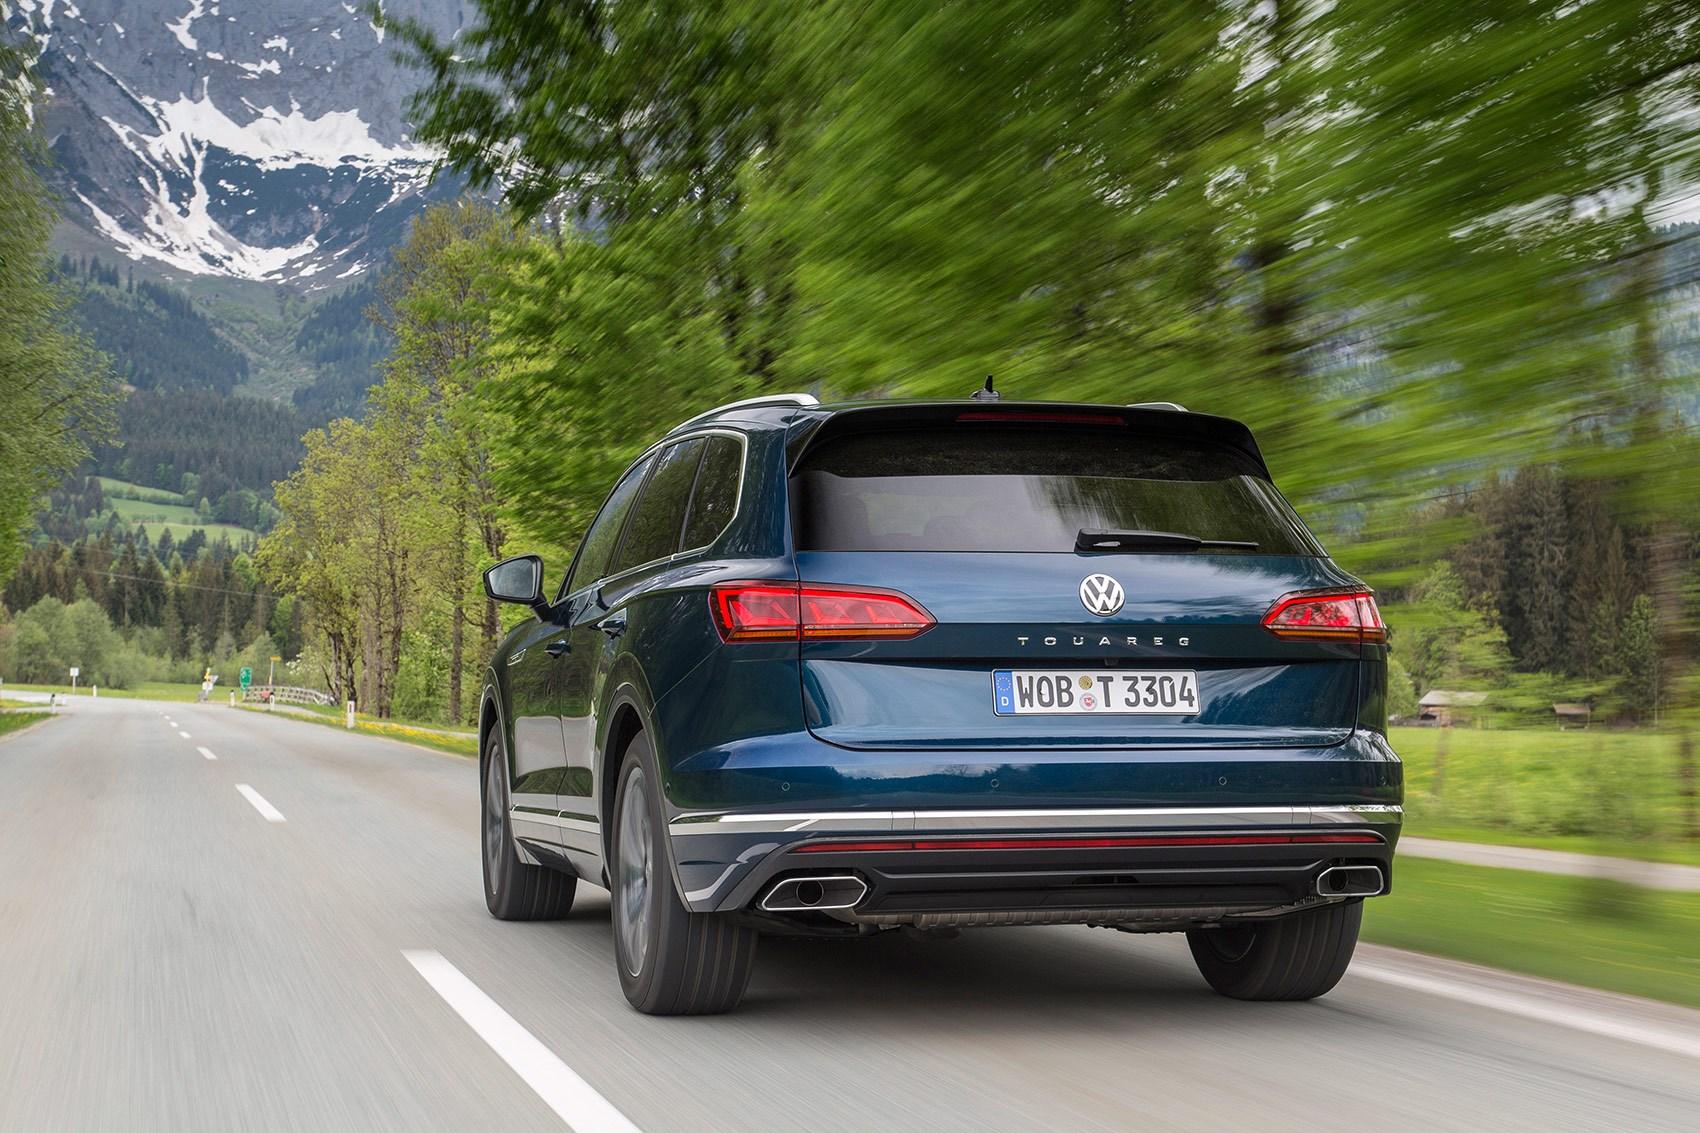 Vw Touareg 2018 >> Volkswagen Touareg Review Car Magazine